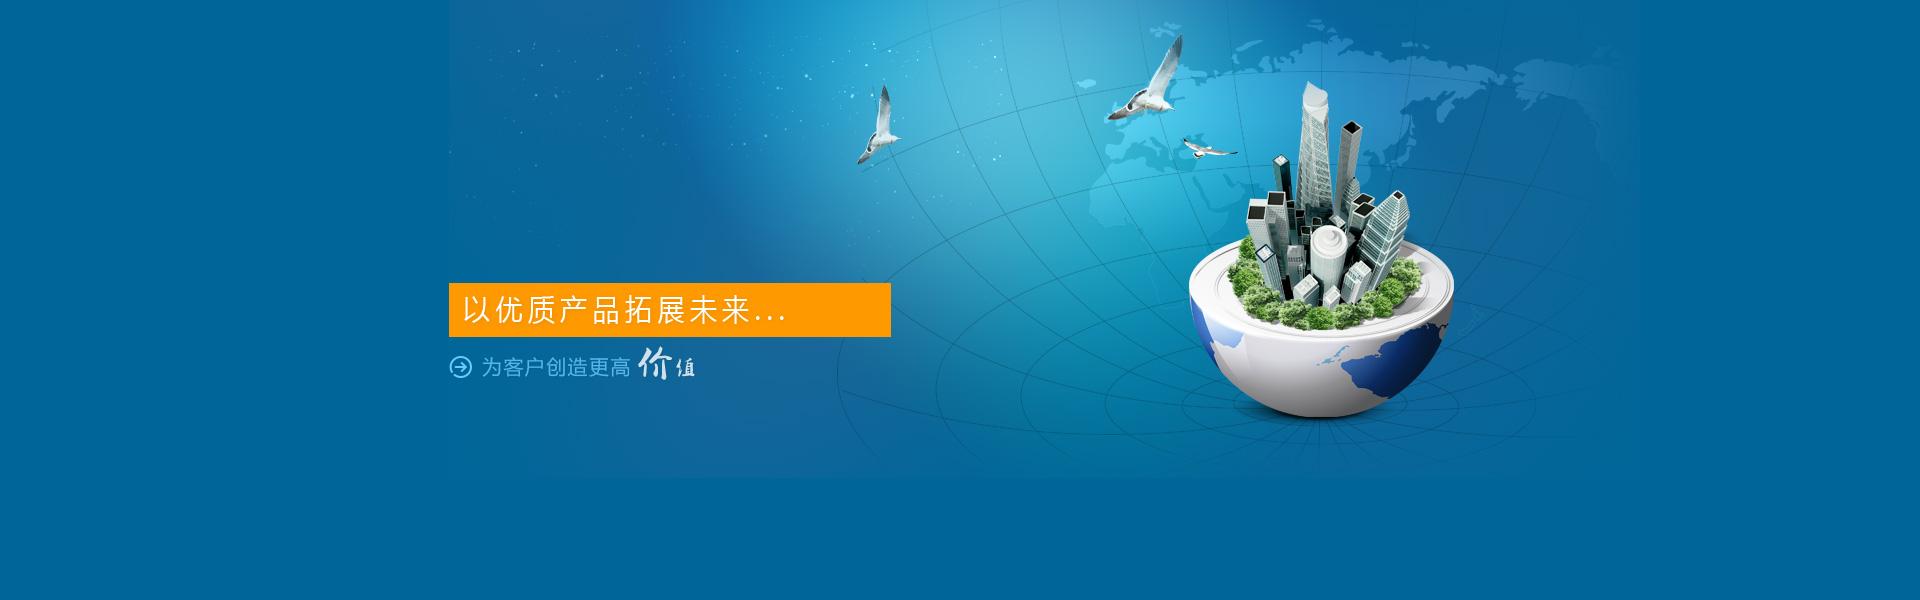 深圳海视博专显科技有限公司